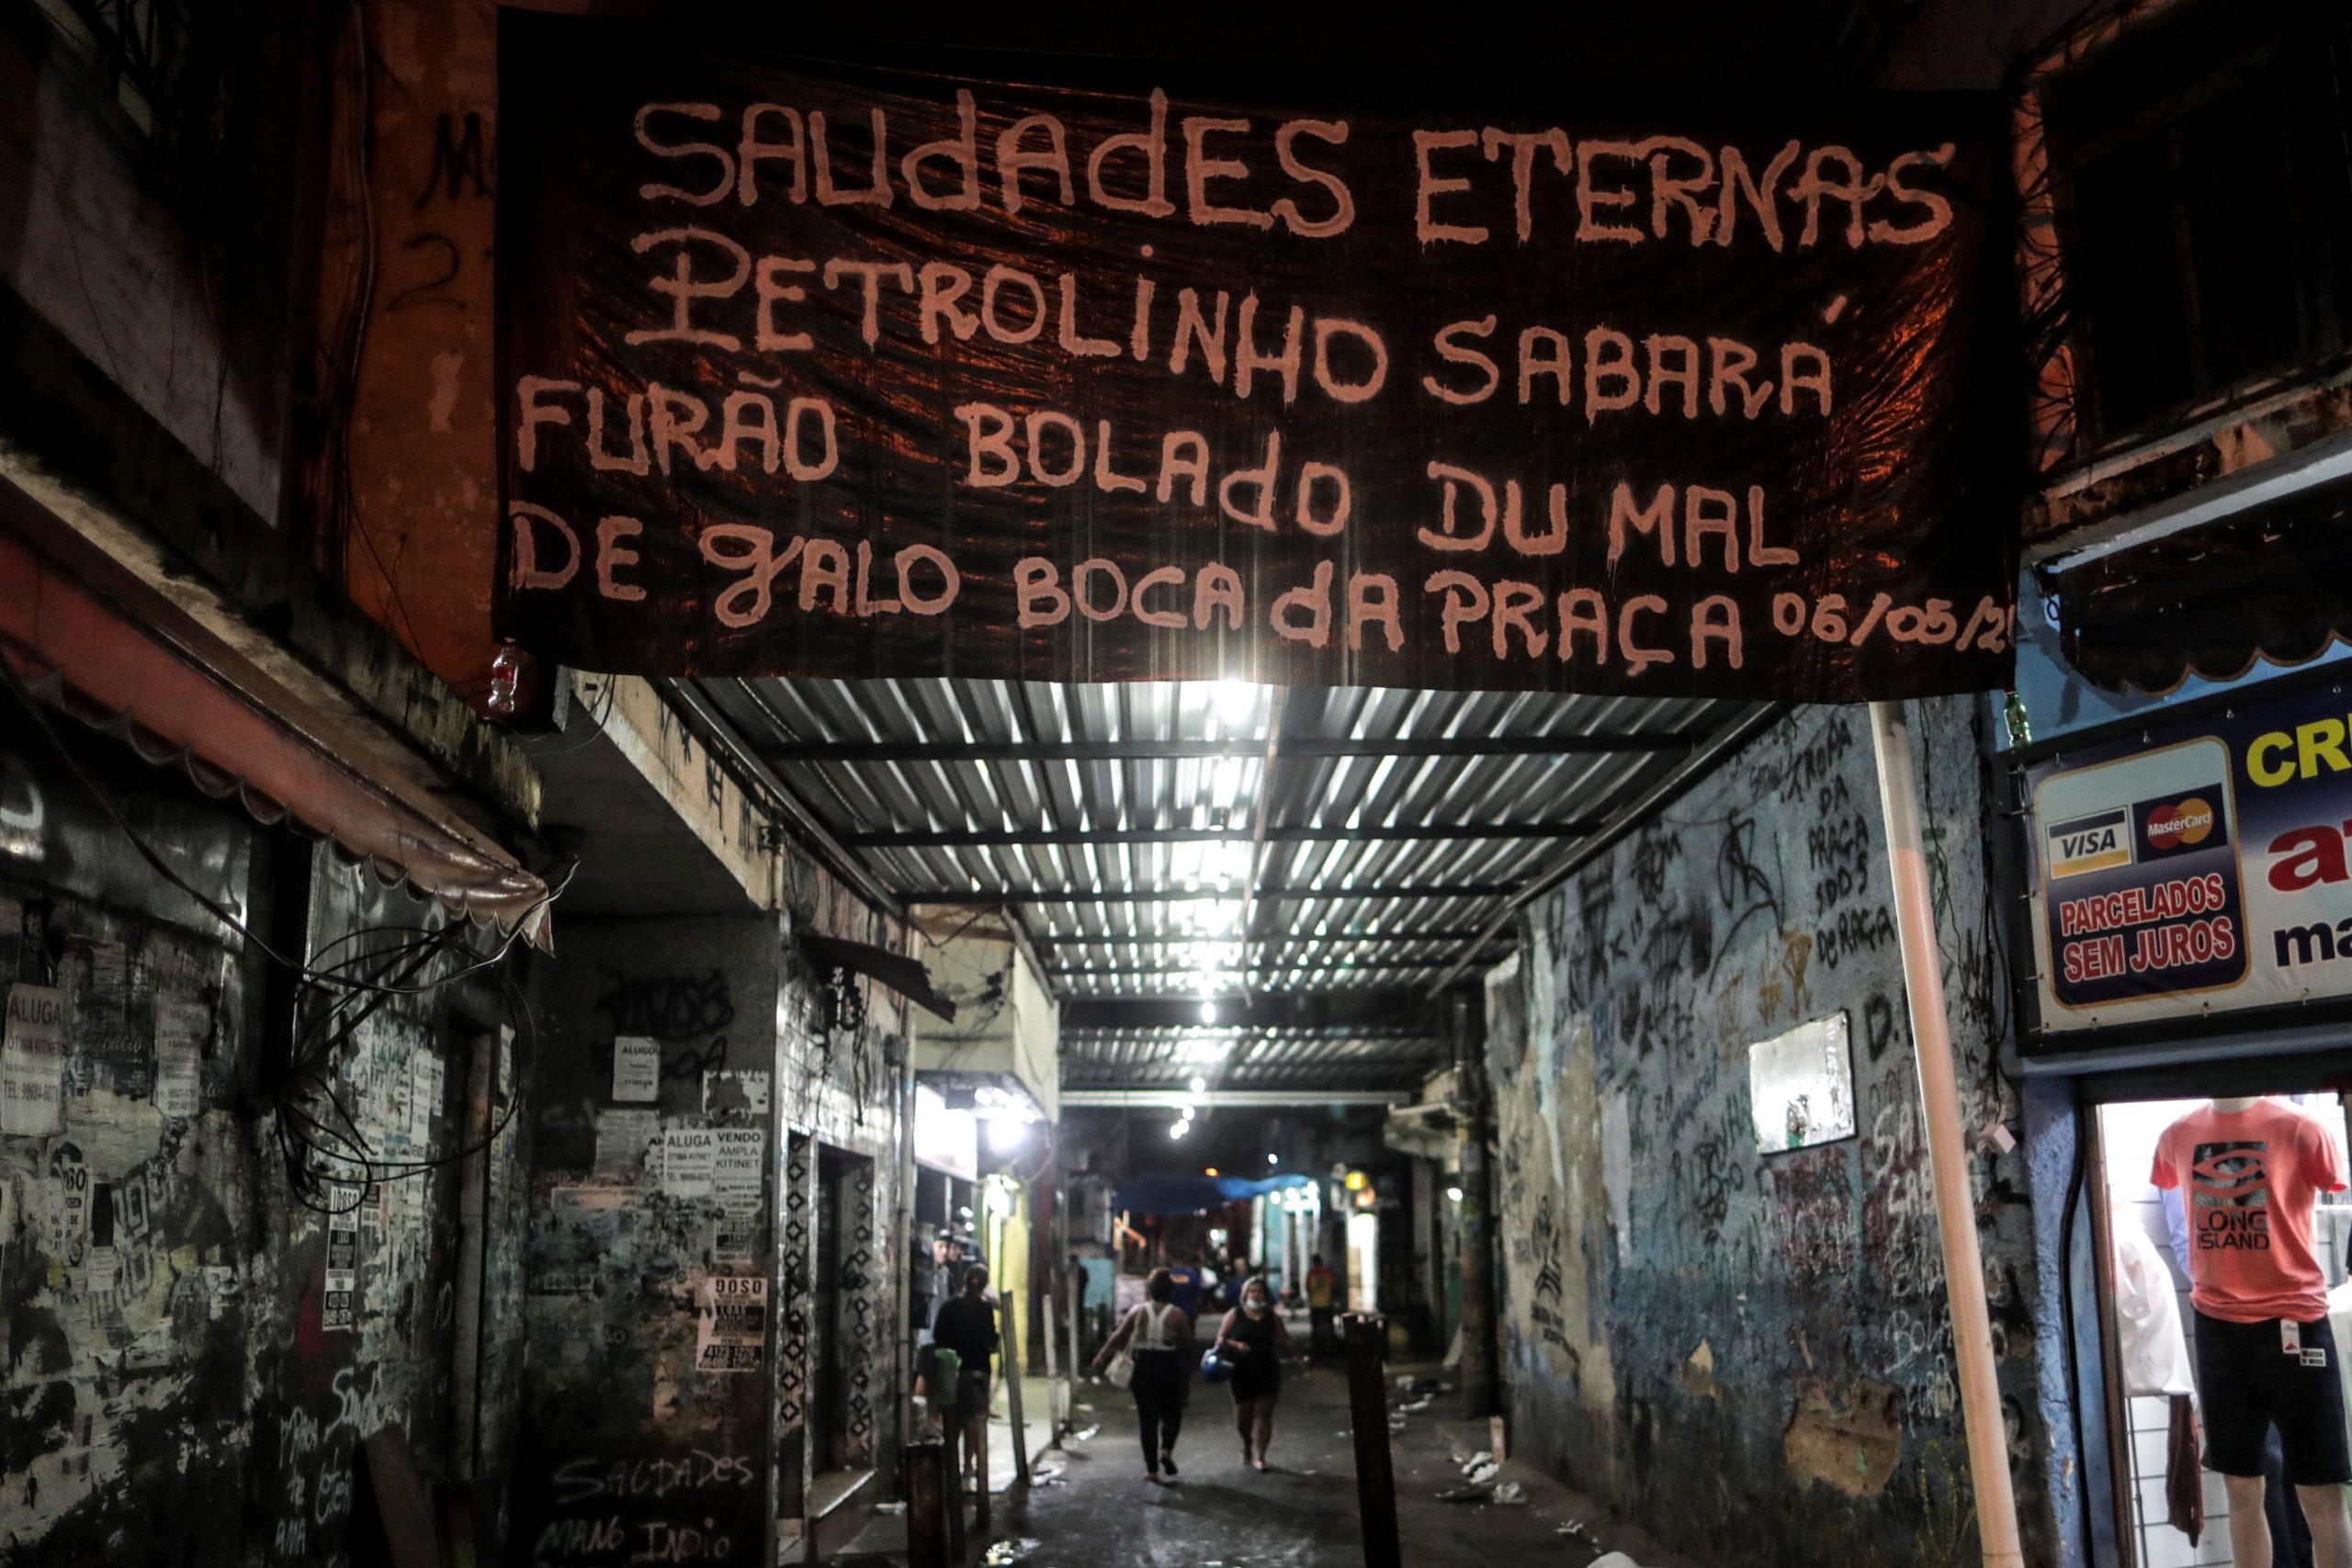 Habitantes de la favela de Jacarezinho ponen una pancarta con los lde los muertos en el operativo contra la banda de delincuentes que domina esa deprimida favela carioca en Río de Janeiro. Foto de EFE/Antonio Lacerda.